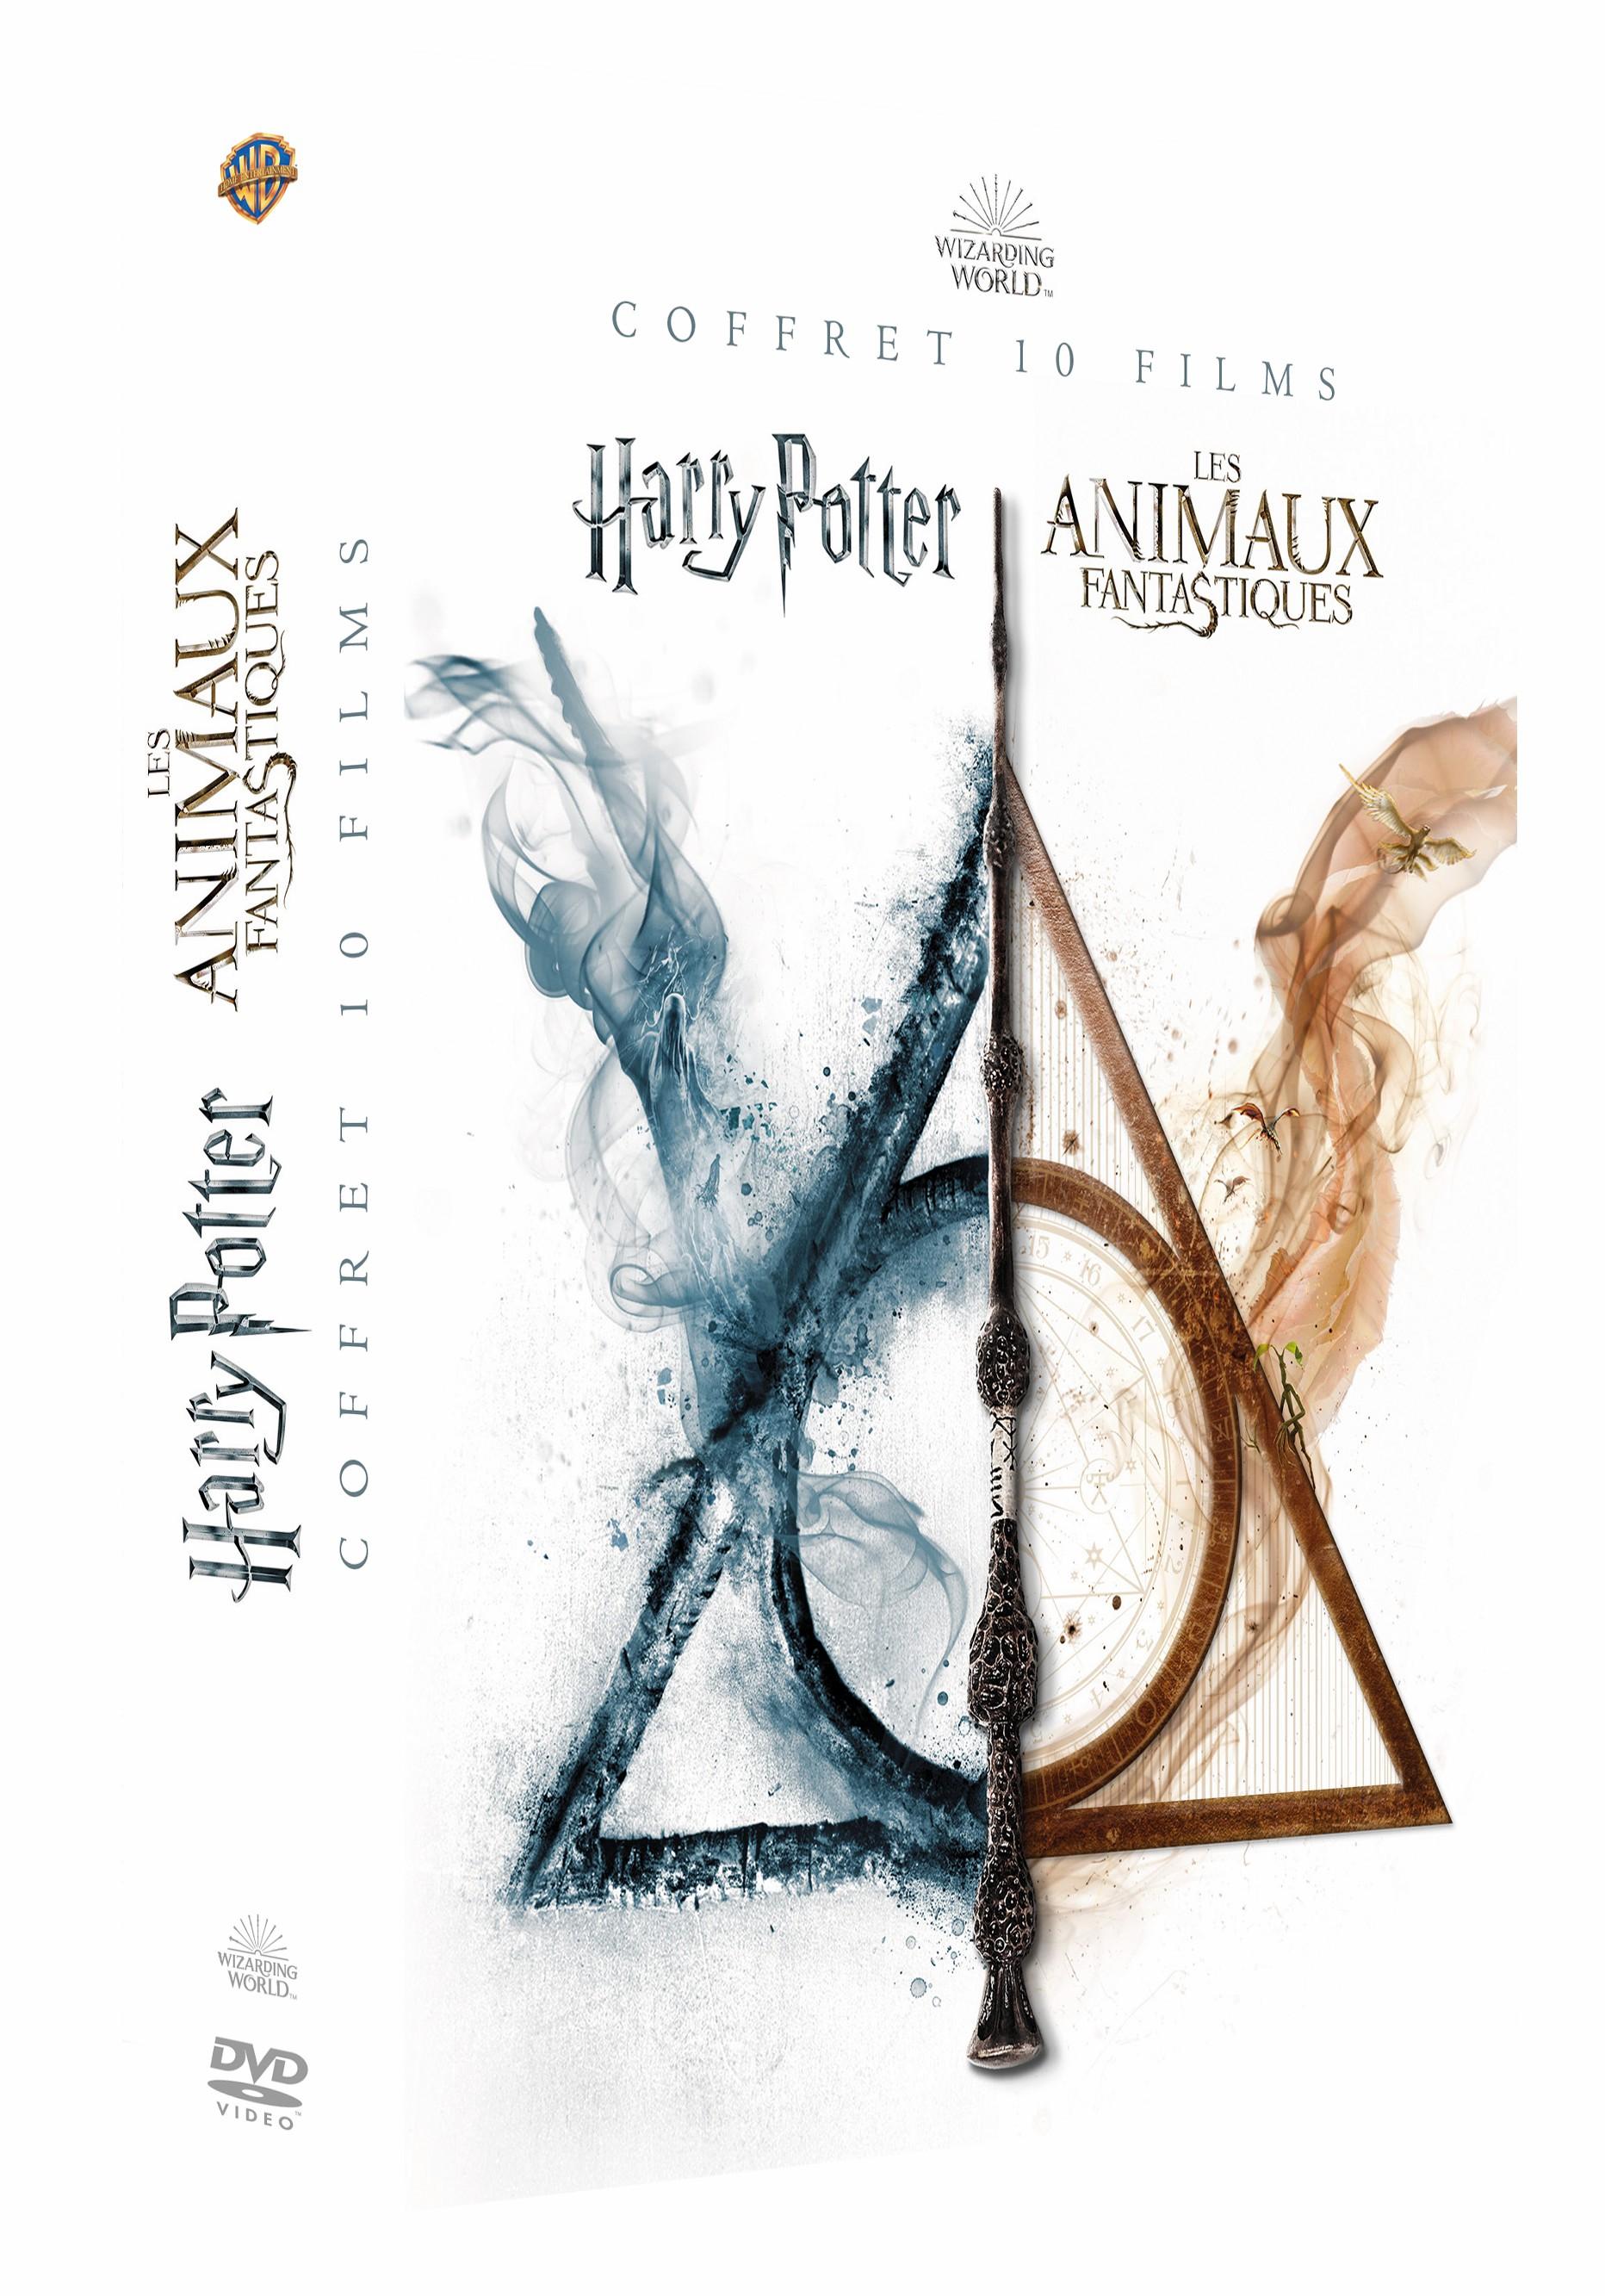 Nouveaux coffrets Harry Potter – Animaux fantastiques et produits dérivés en approche